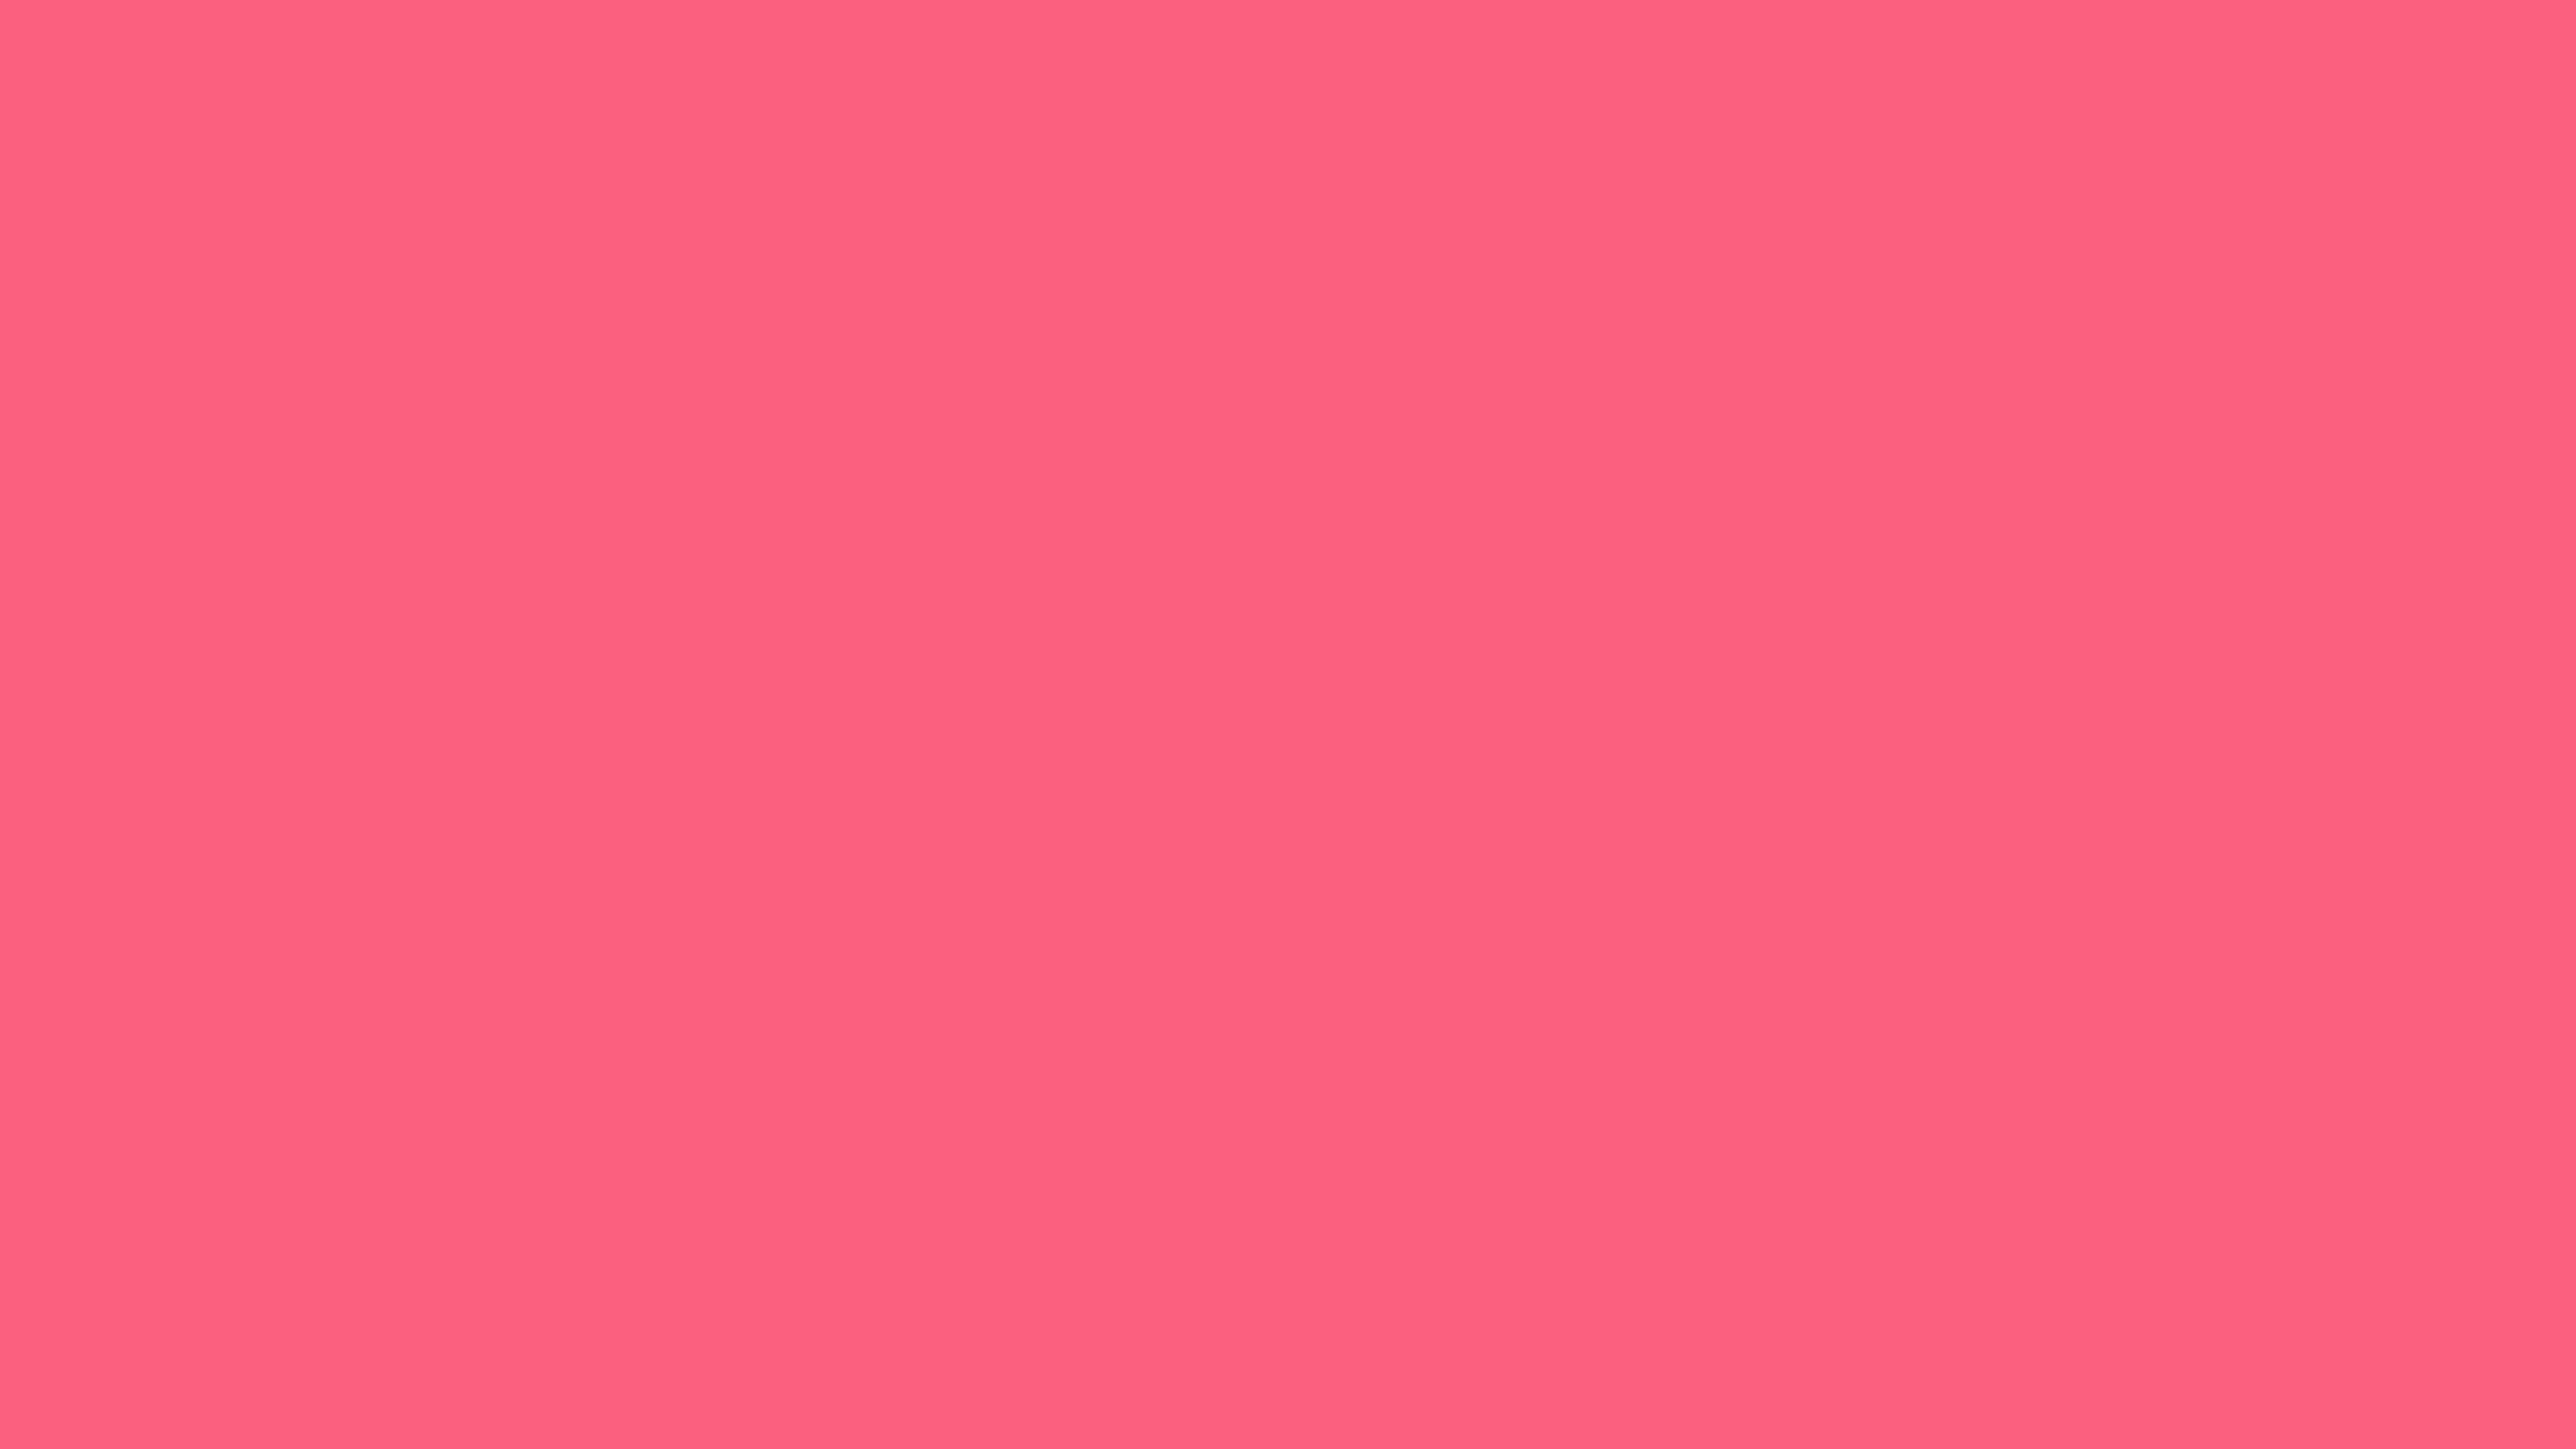 4096x2304 Brink Pink Solid Color Background